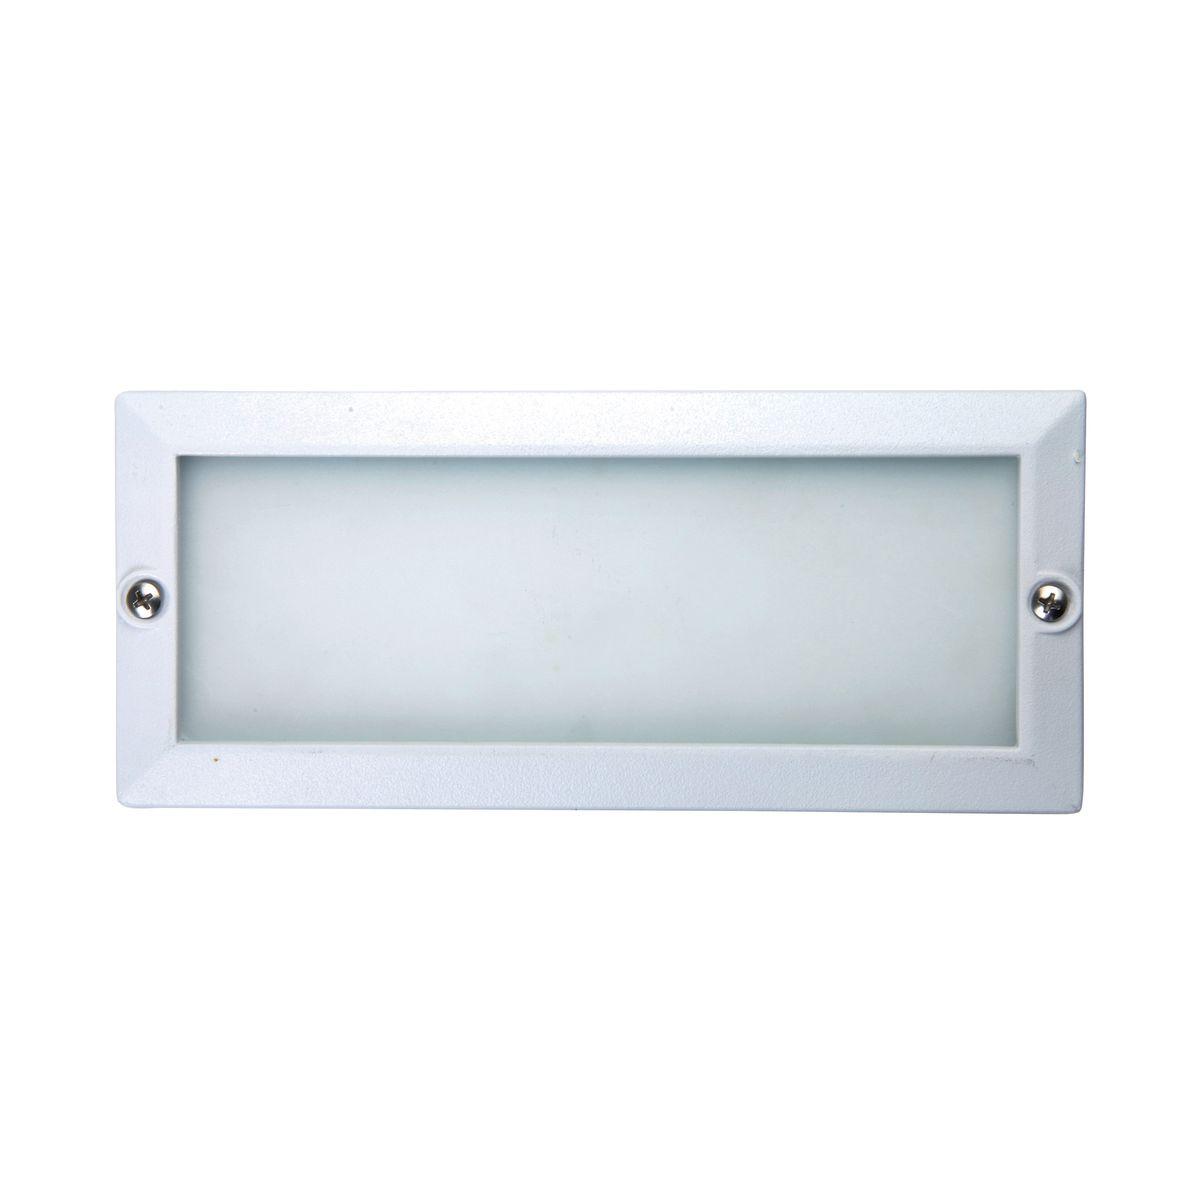 Lampade da soffitto leroy merlin idee per la casa for Illuminazione da esterno leroy merlin